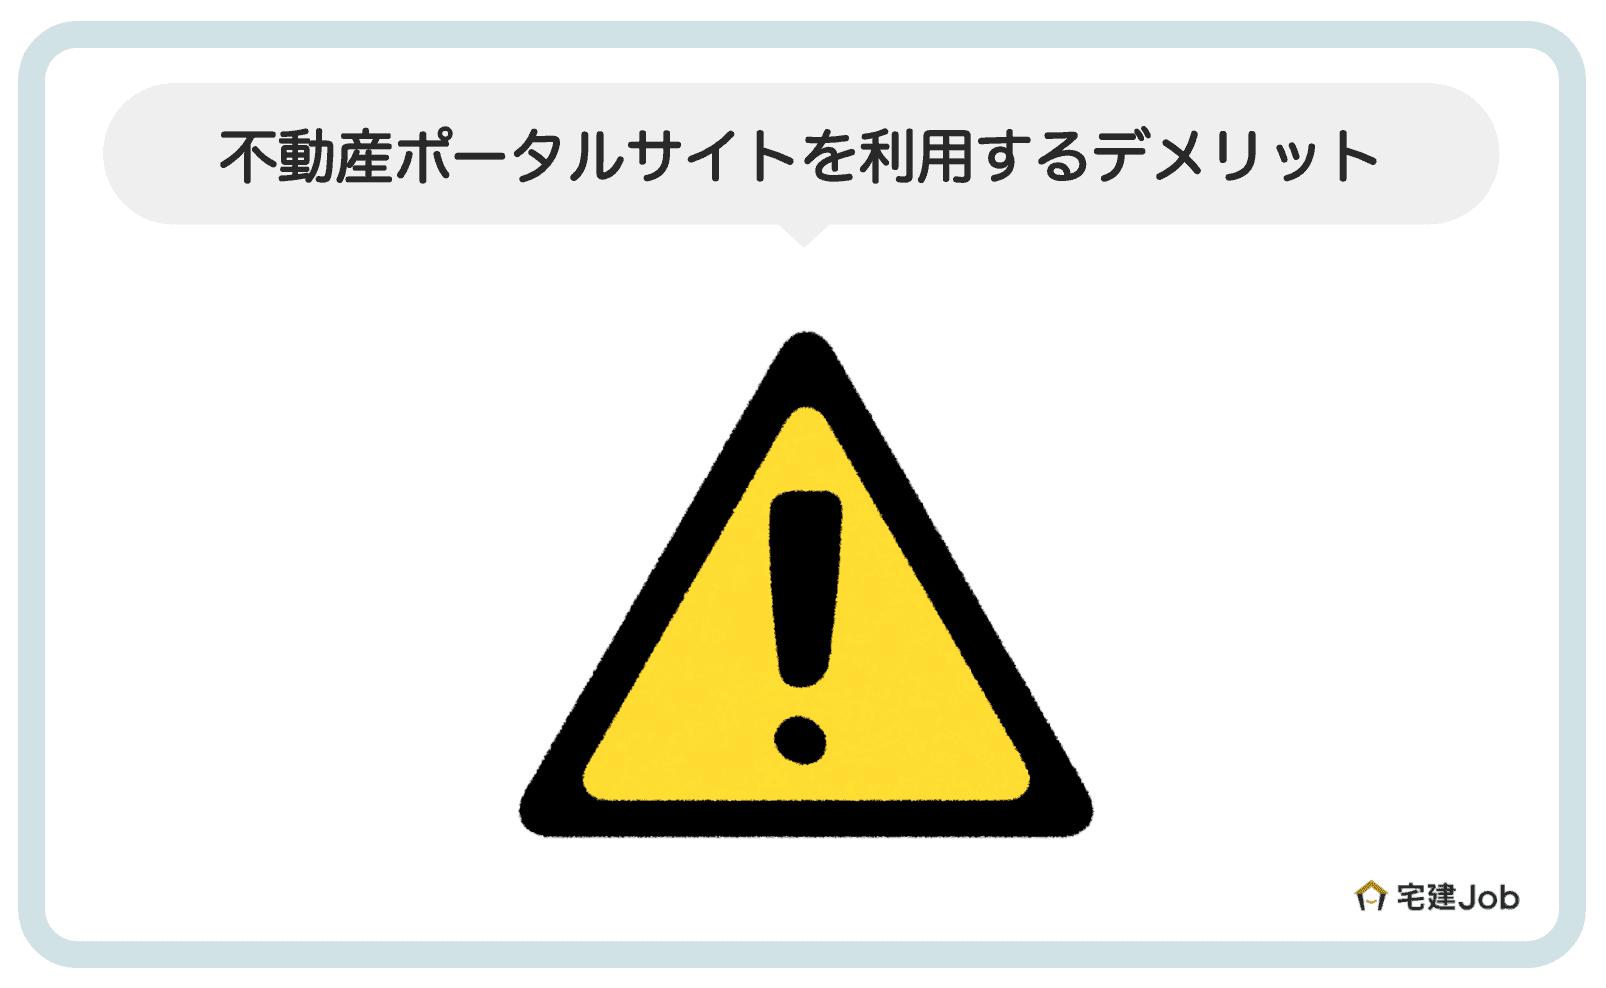 3.不動産ポータルサイトを利用するデメリット【事業者・消費者】